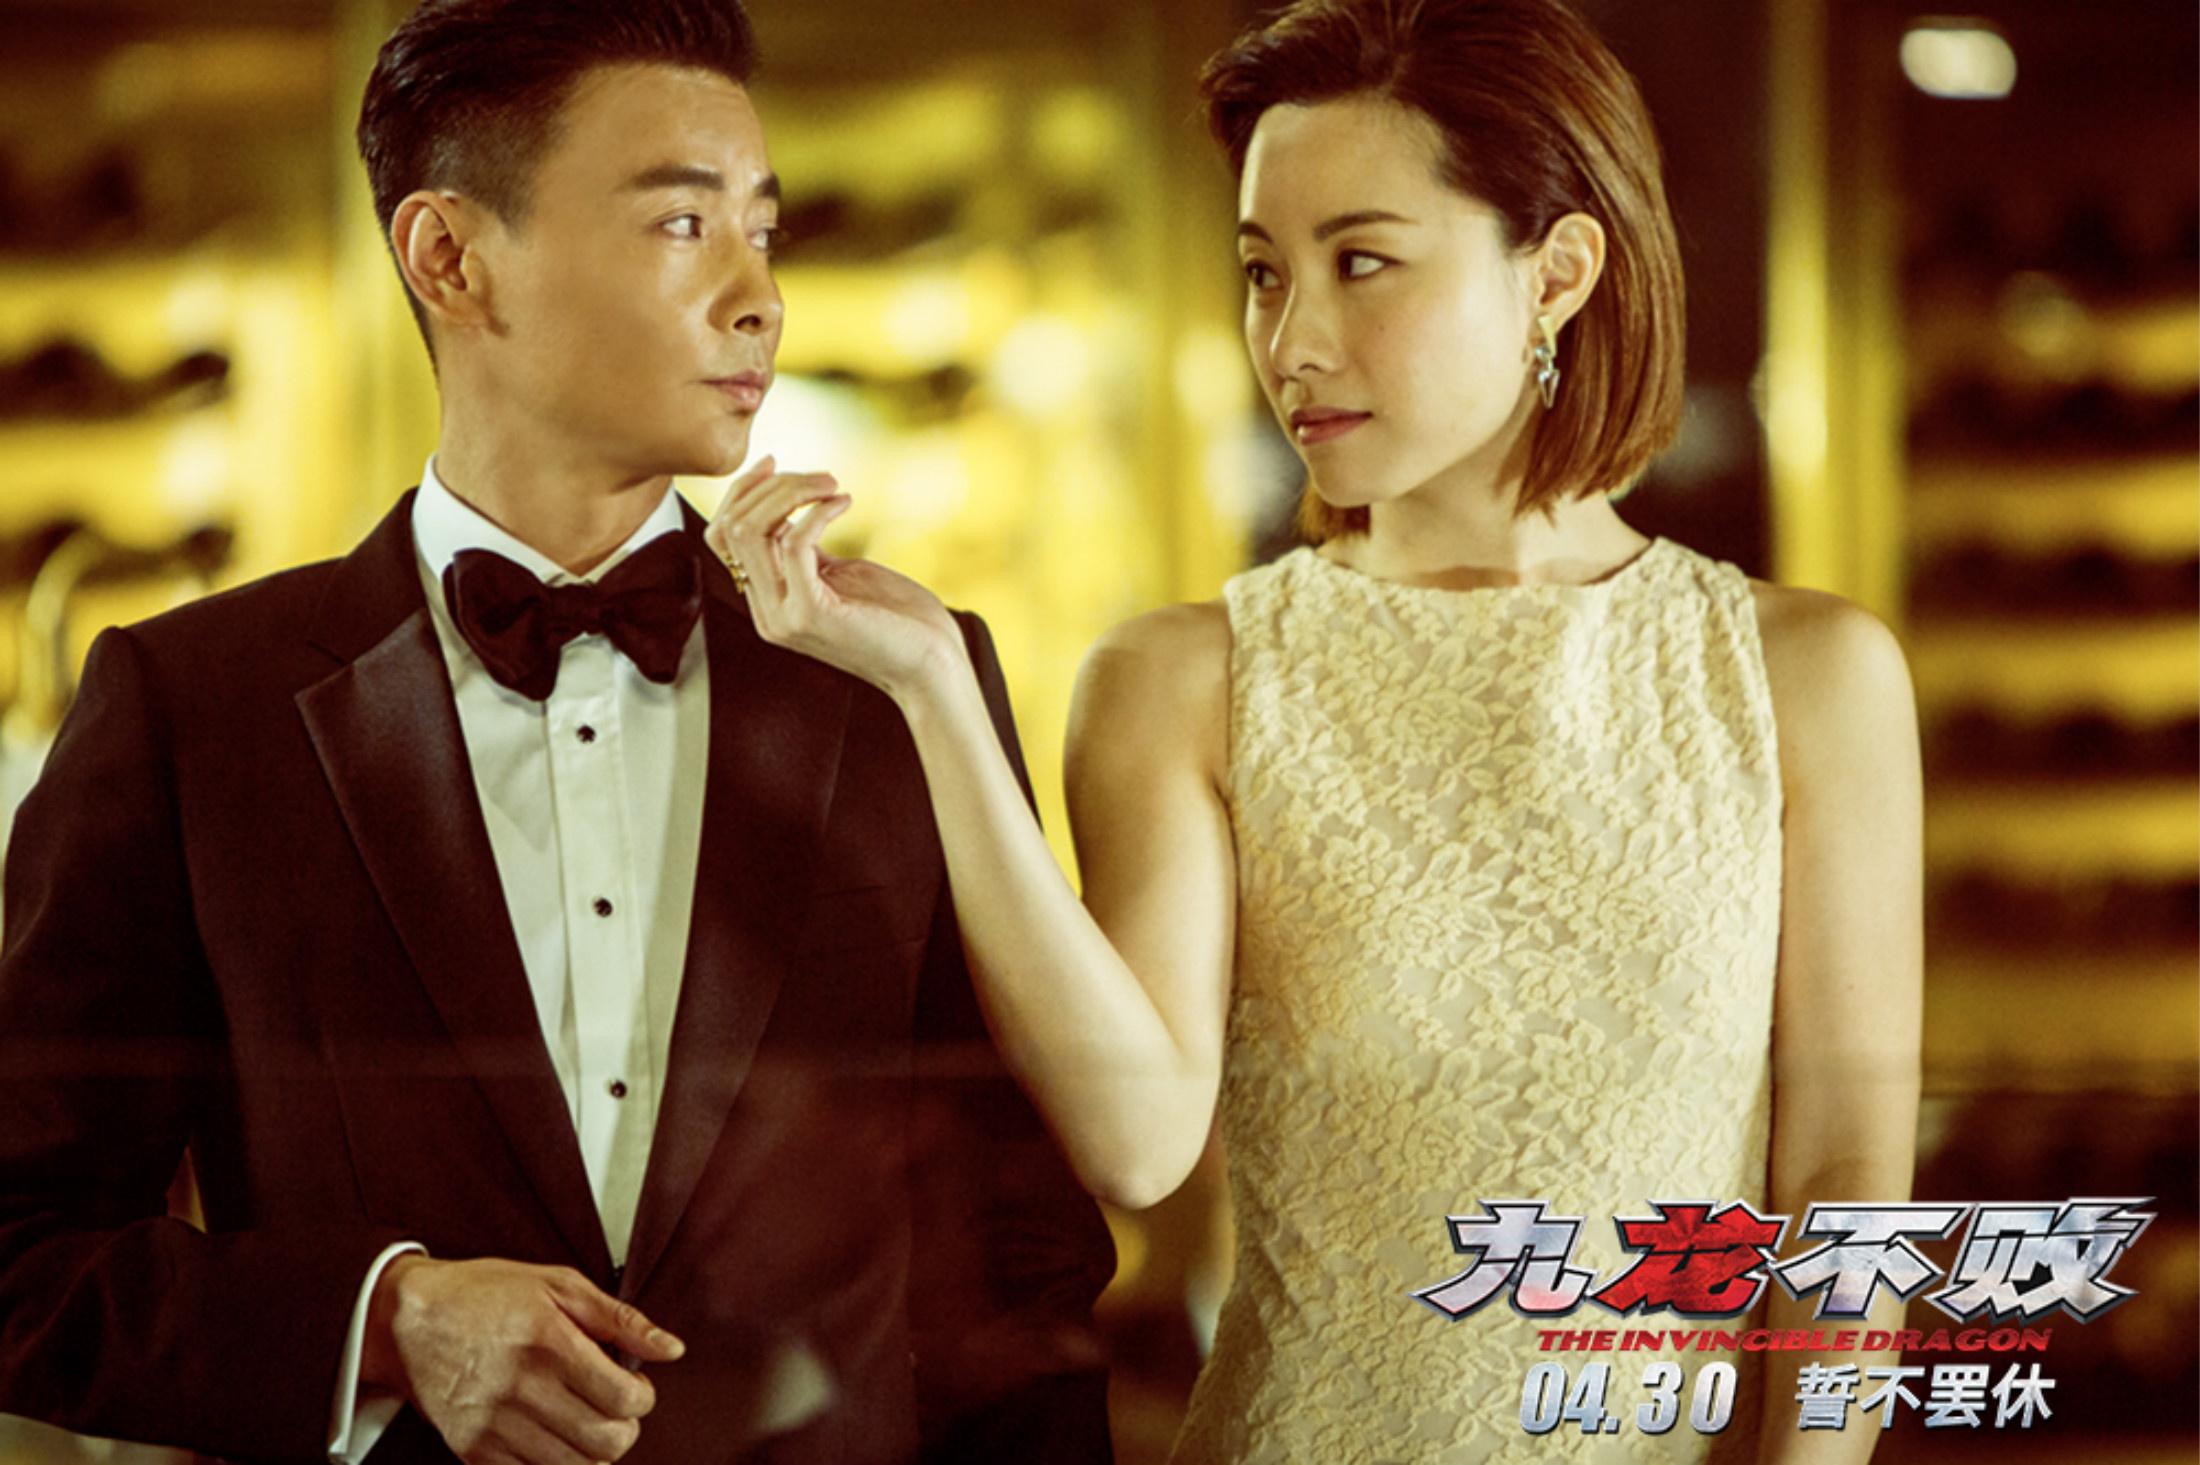 《九龙不败》是香港奇才导演陈果的最新作品,讲述了香港干探九龙(张晋图片